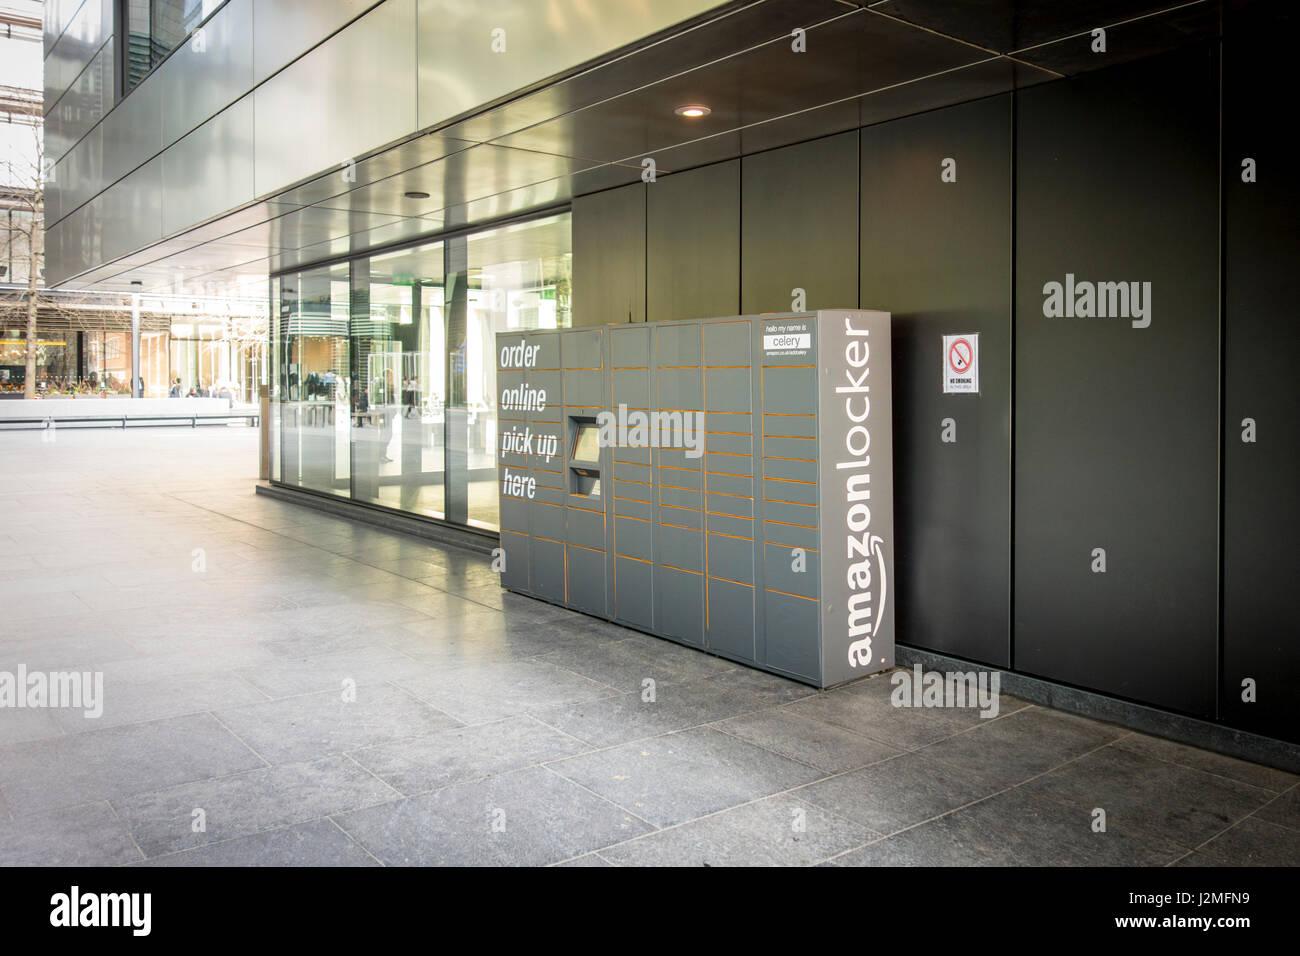 Amazon Locker in außen in der Nähe von Bürogebäuden in London man online bestellen und abholen Stockbild